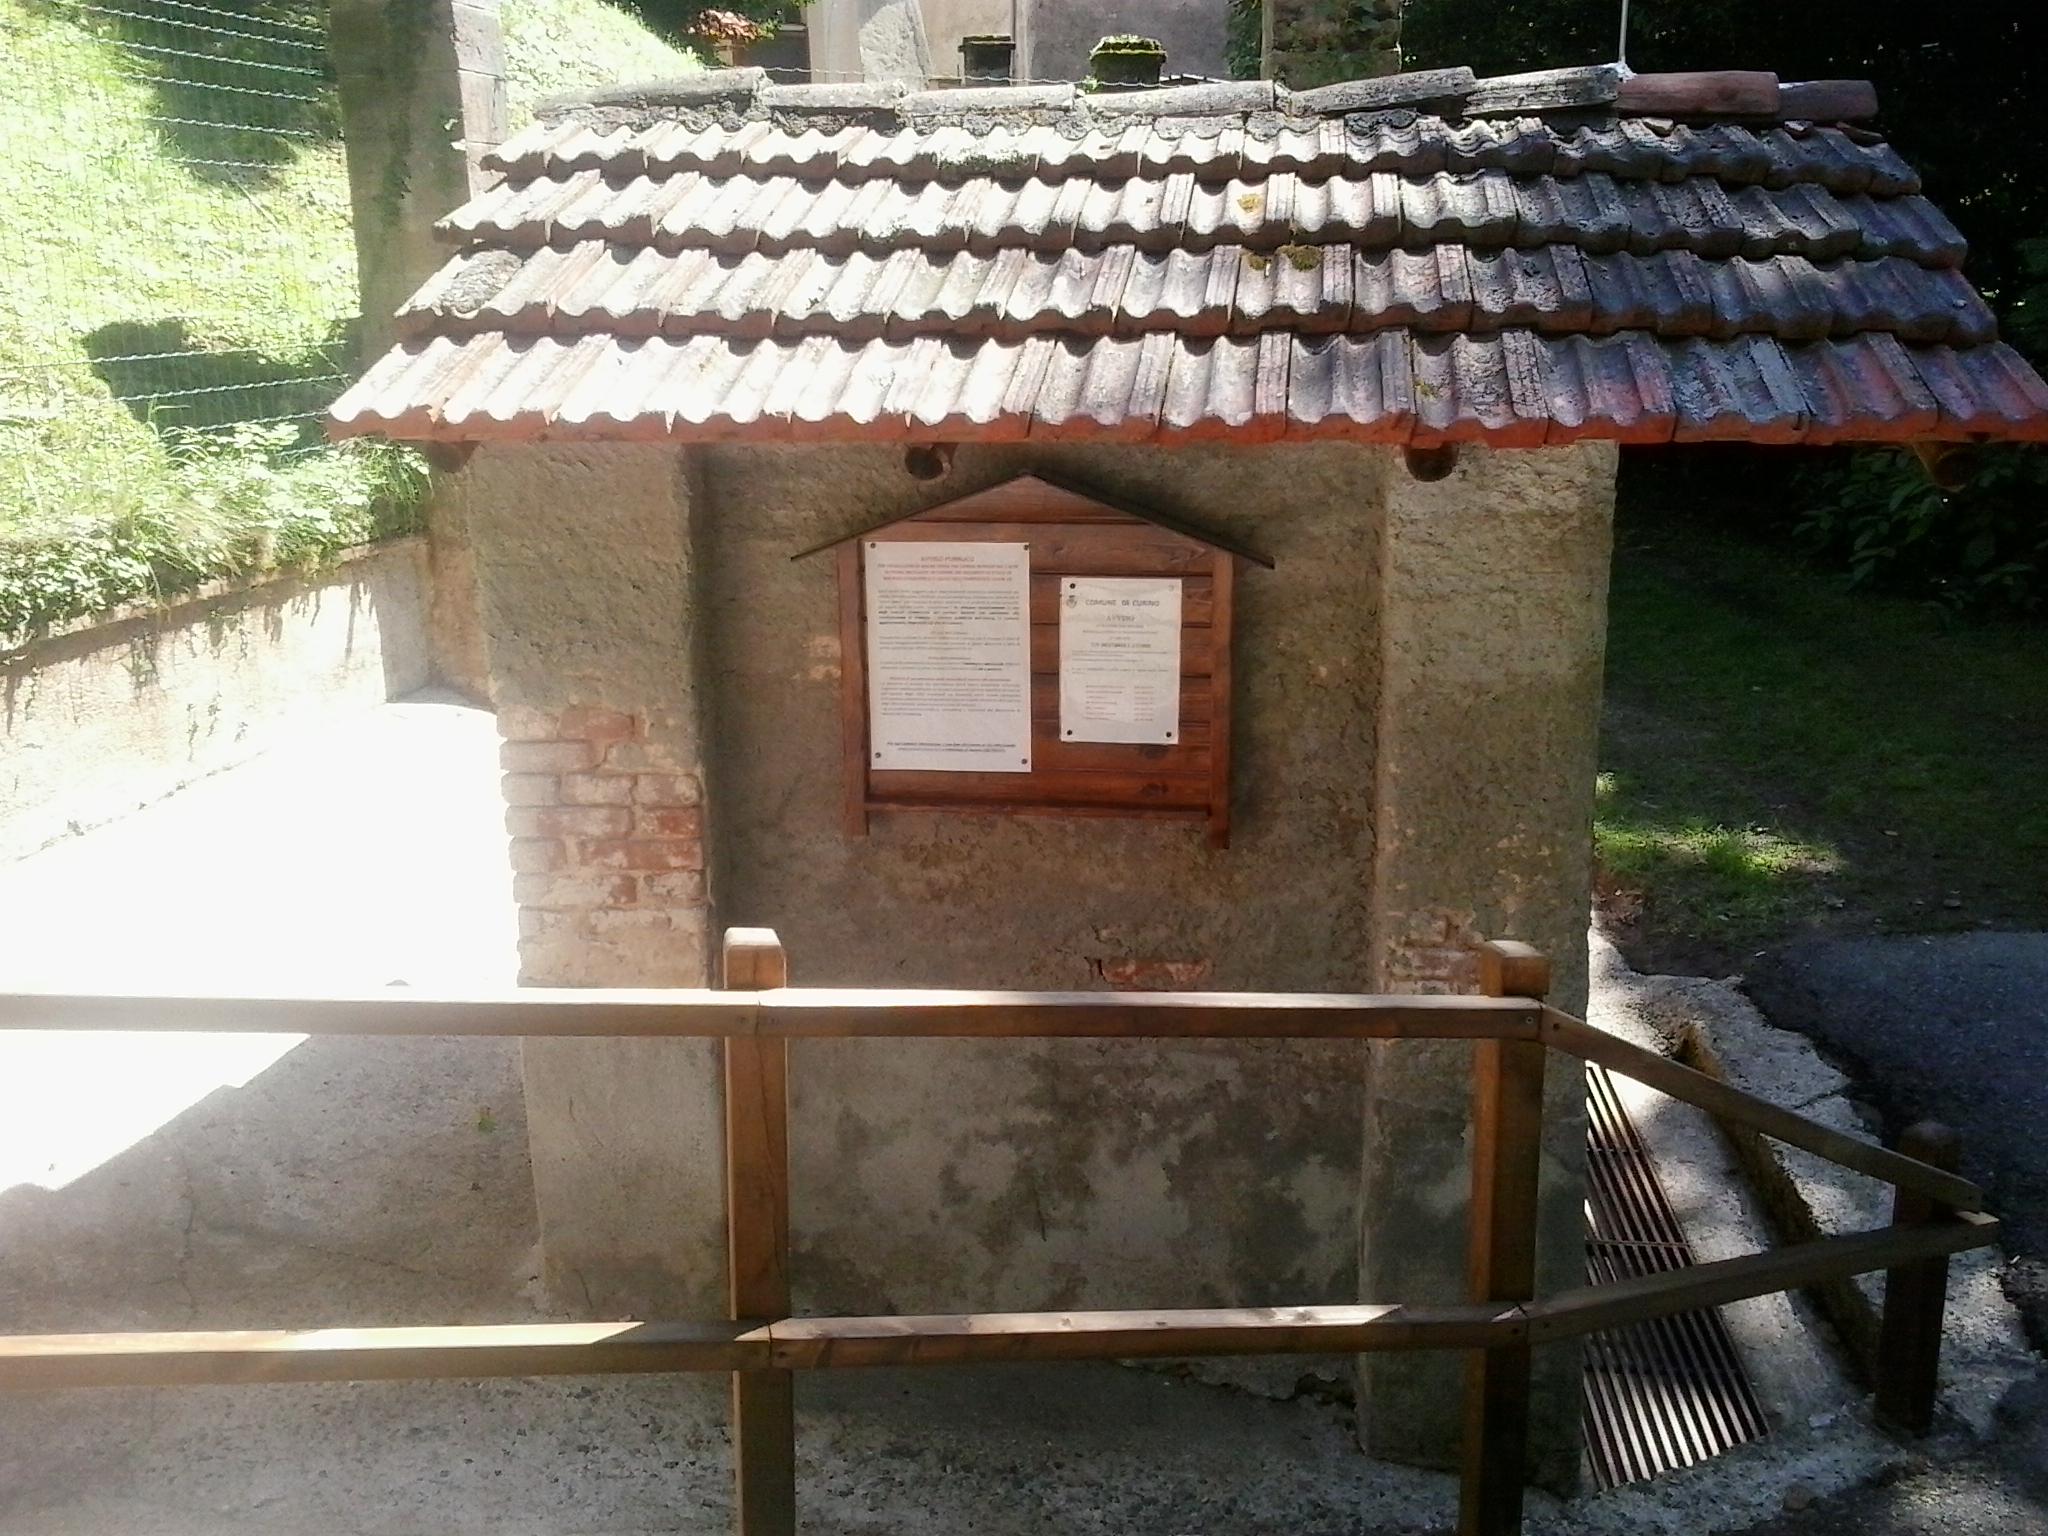 http://www.energialternativa.info/public/newforum/ForumEA/U/20120630_234845.jpg